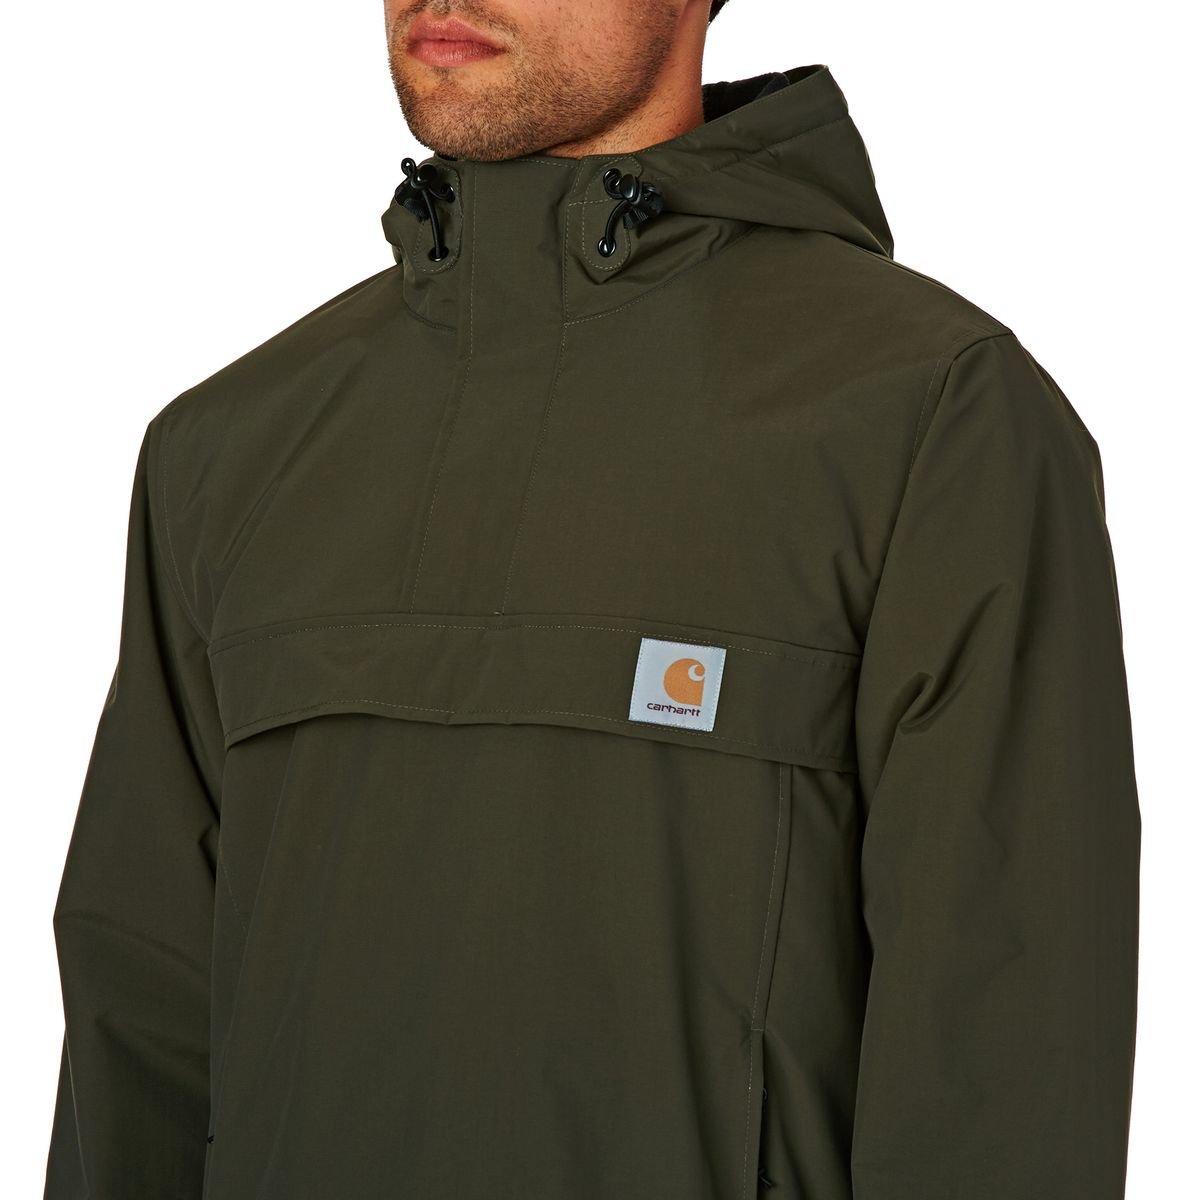 5849160072a1d Veste Carhartt Nimbus Verte  Amazon.fr  Vêtements et accessoires